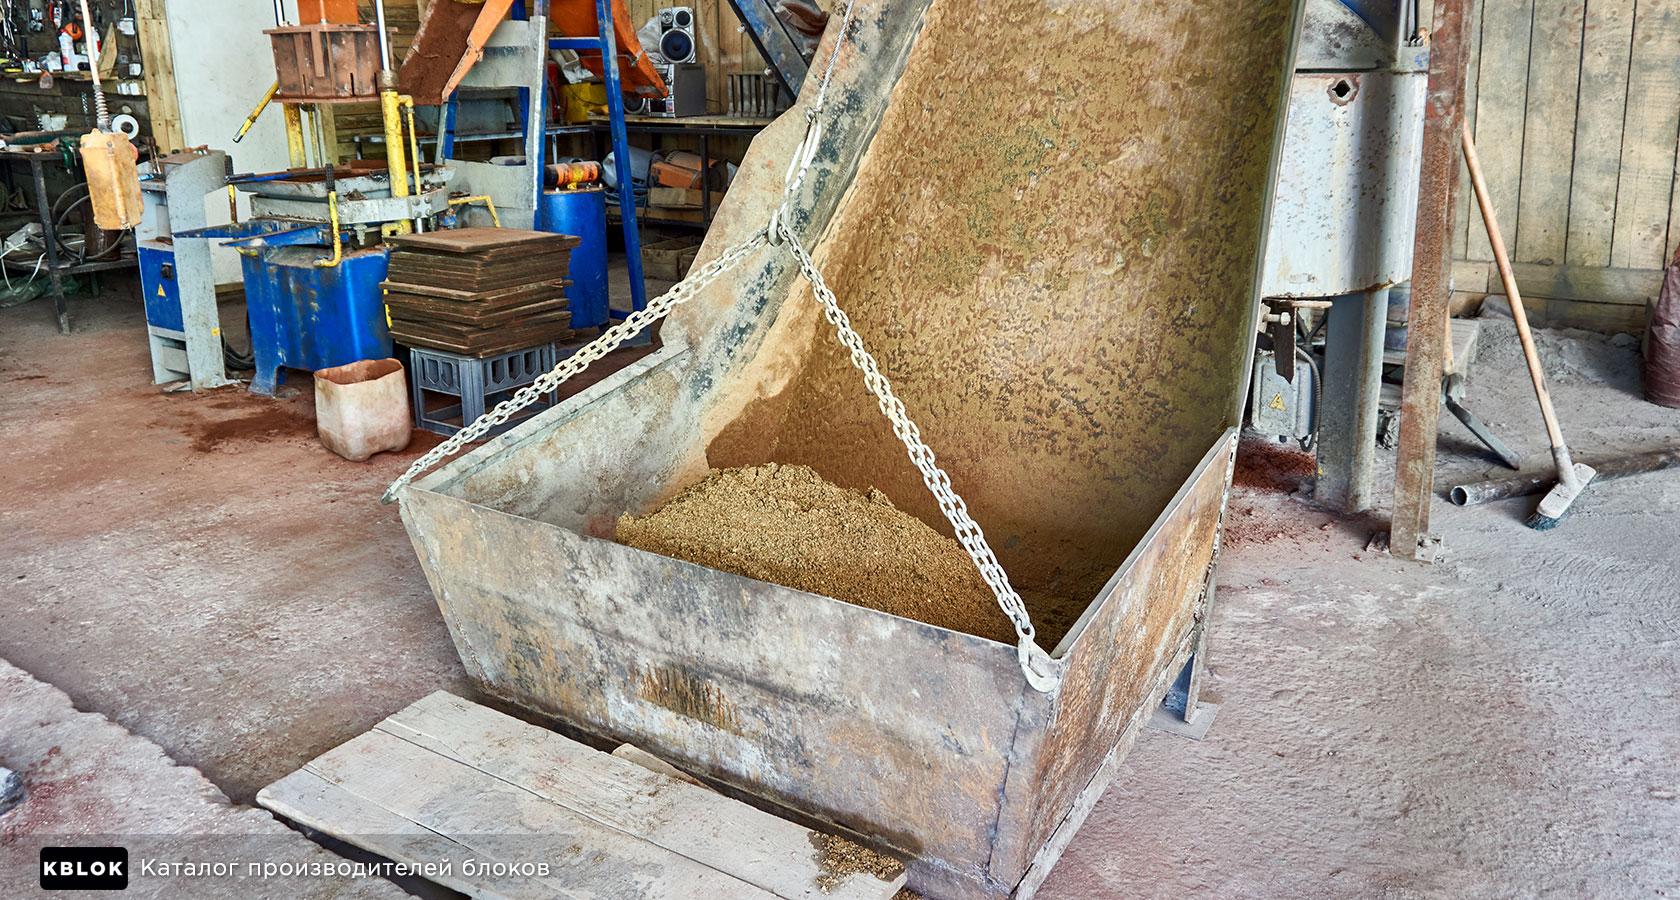 Песок в скипе